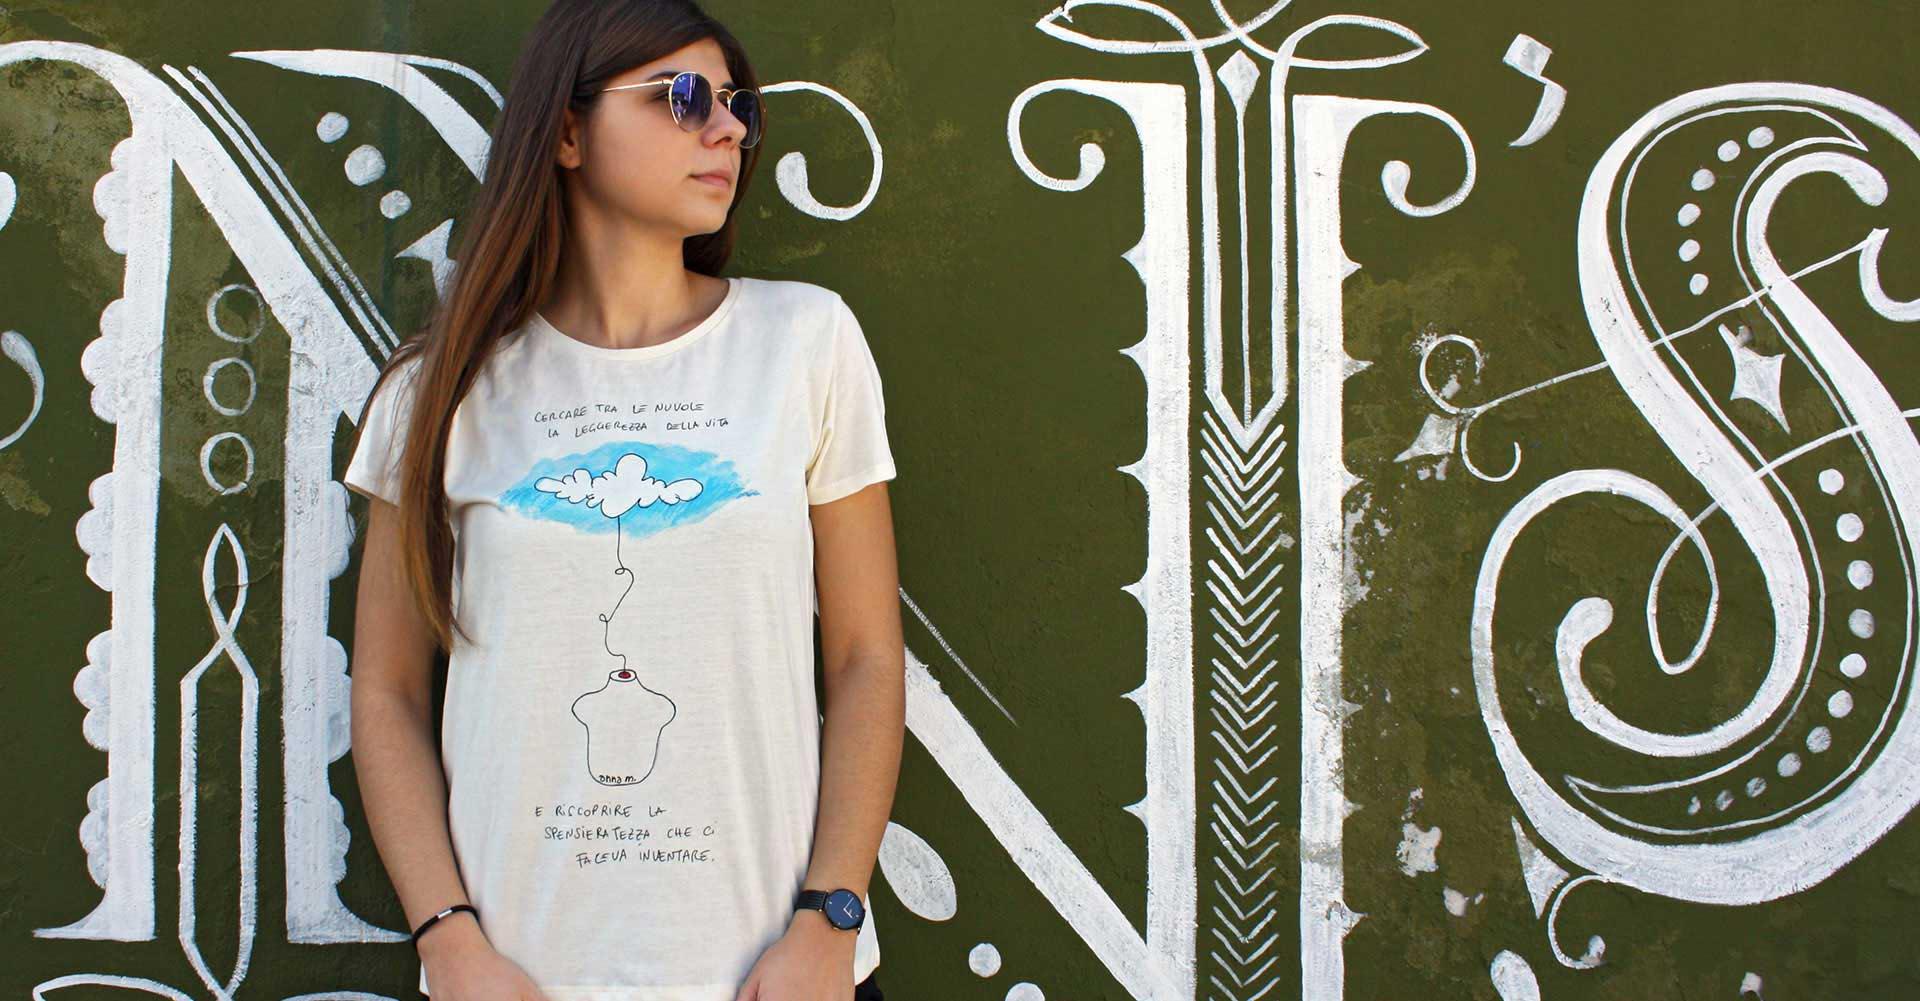 TEENTO Online Shop | T-shirt 100% Cotone Organico - homepage slide 2 TEENTO è il tuo nuovo negozio online! | Scopri le nostre magliette da uomo, donna e bambino | Indossa le t-shirt che più ti appassionano! Wear The Passion!